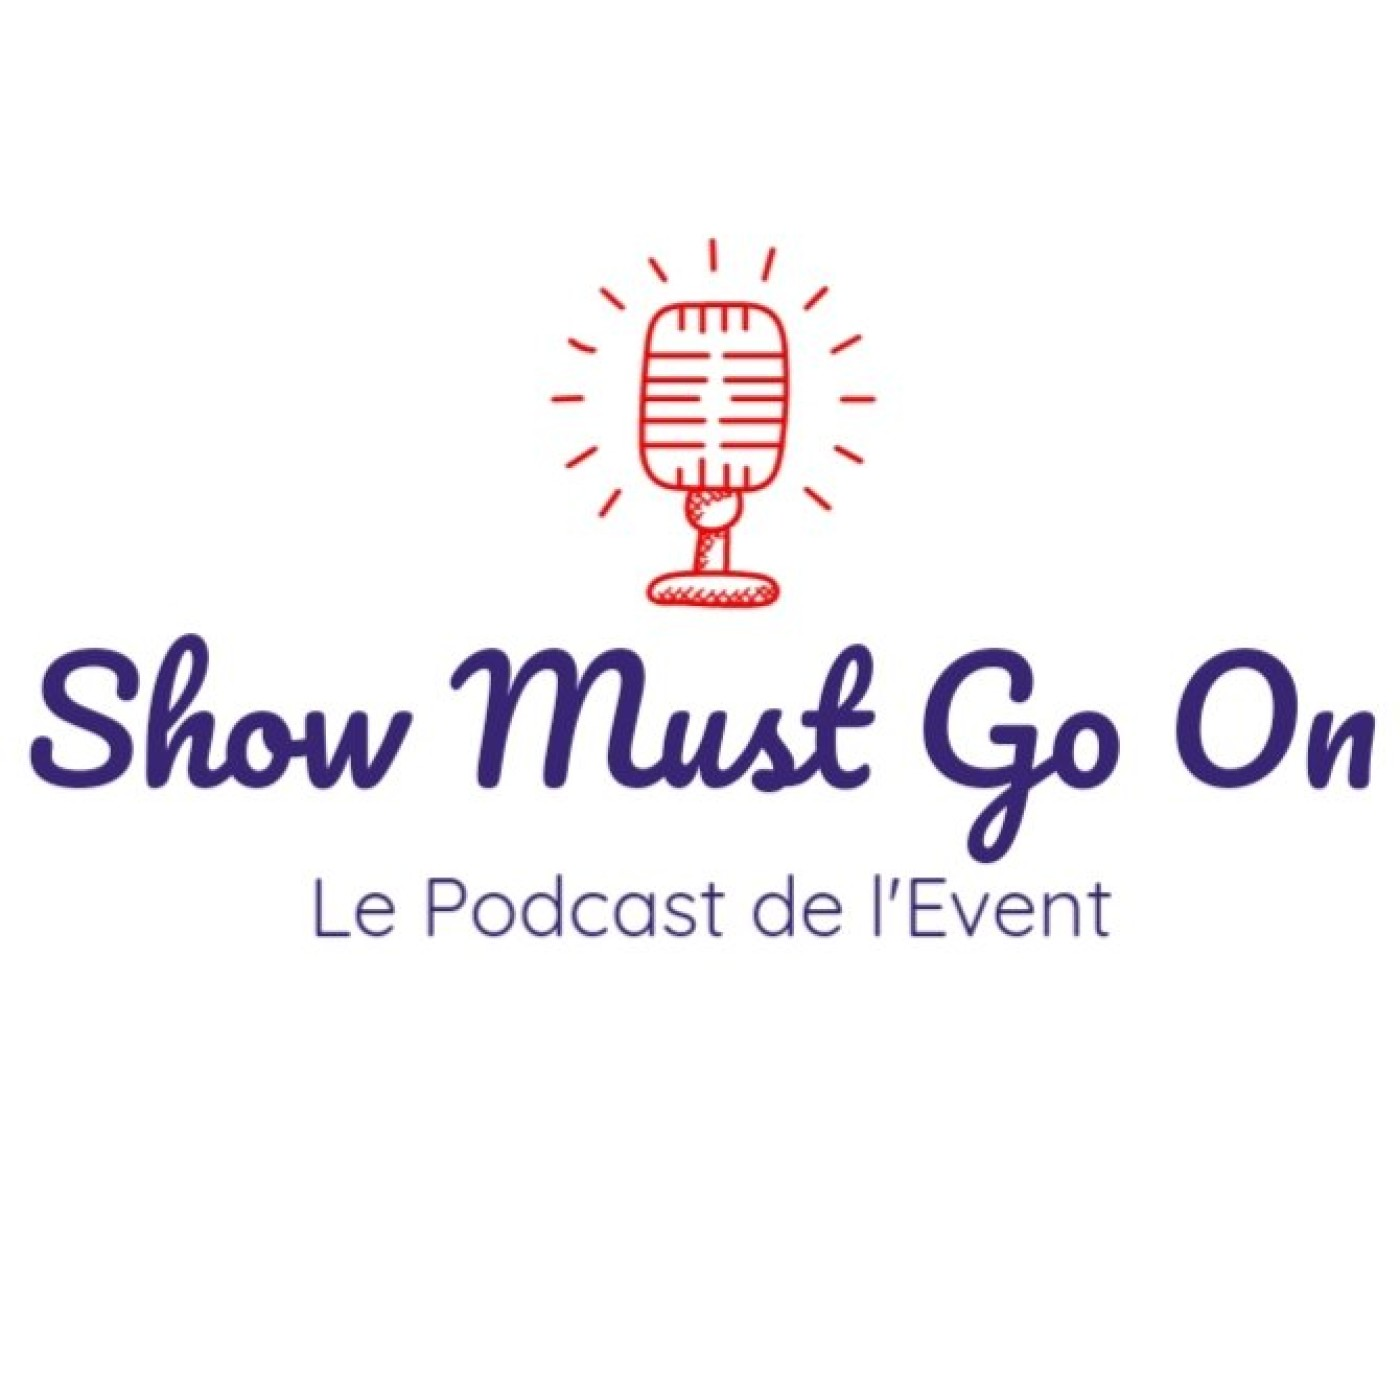 Story 13 - Franck AUZANNEAU - GOOMEO - Le Digital au service de l'événement physique et non contre